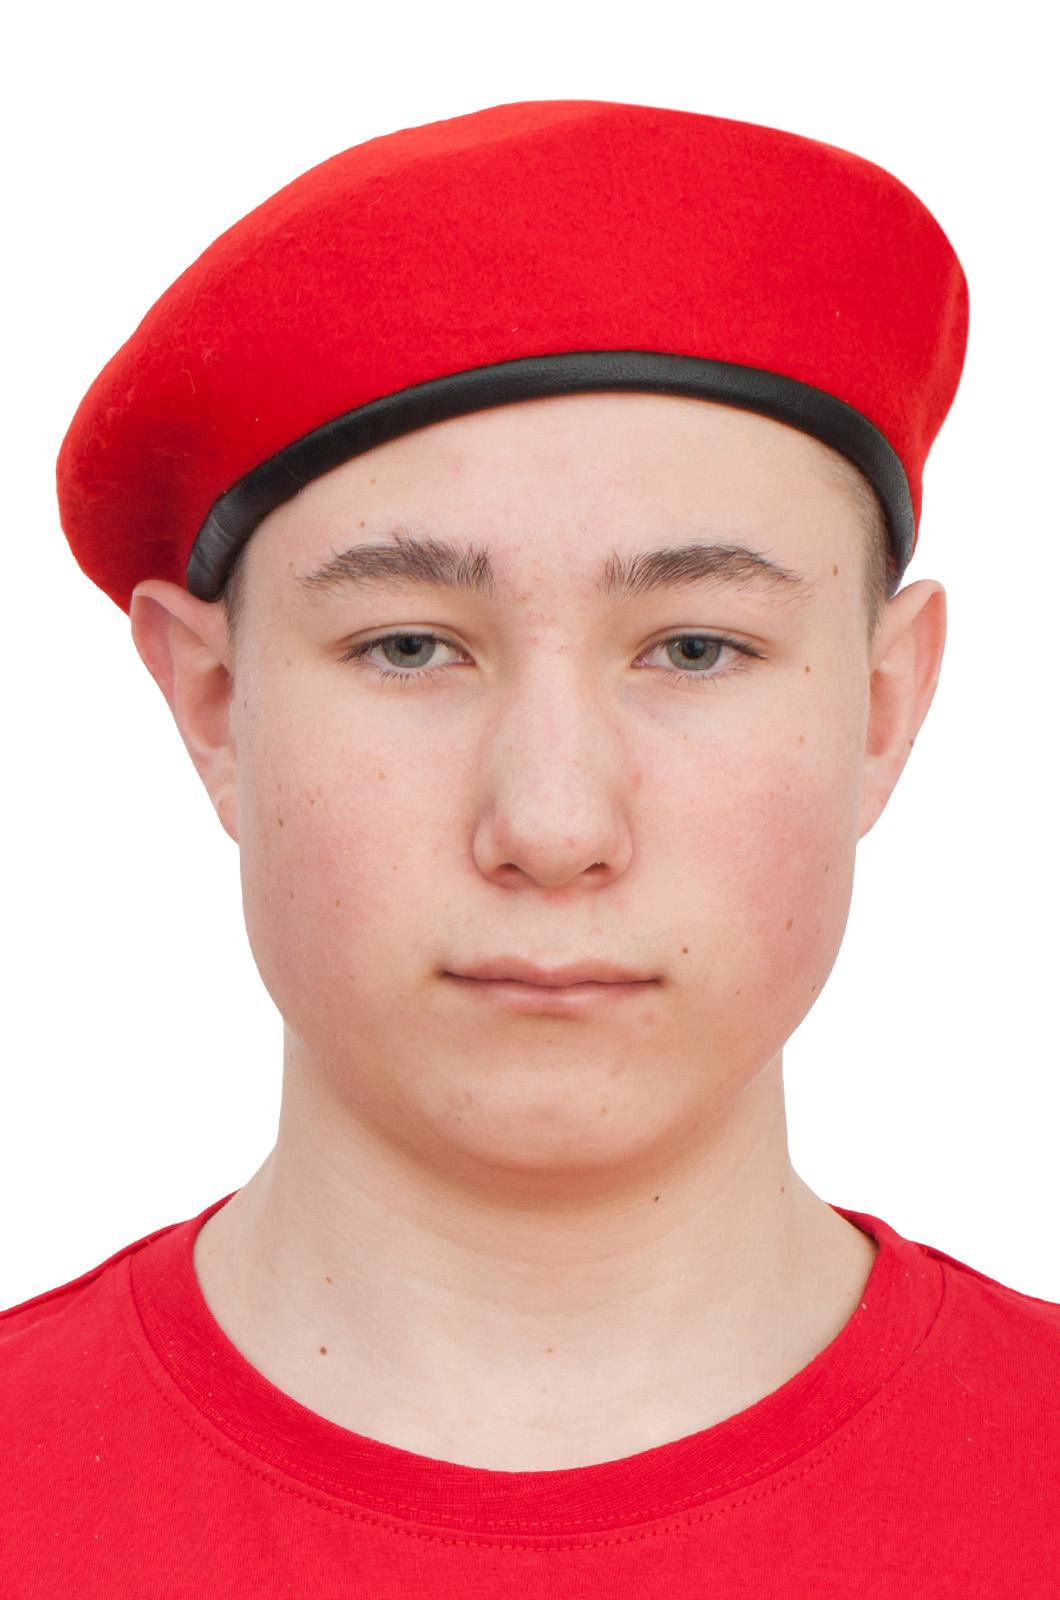 Заказать в Москве красный берет юнармейца